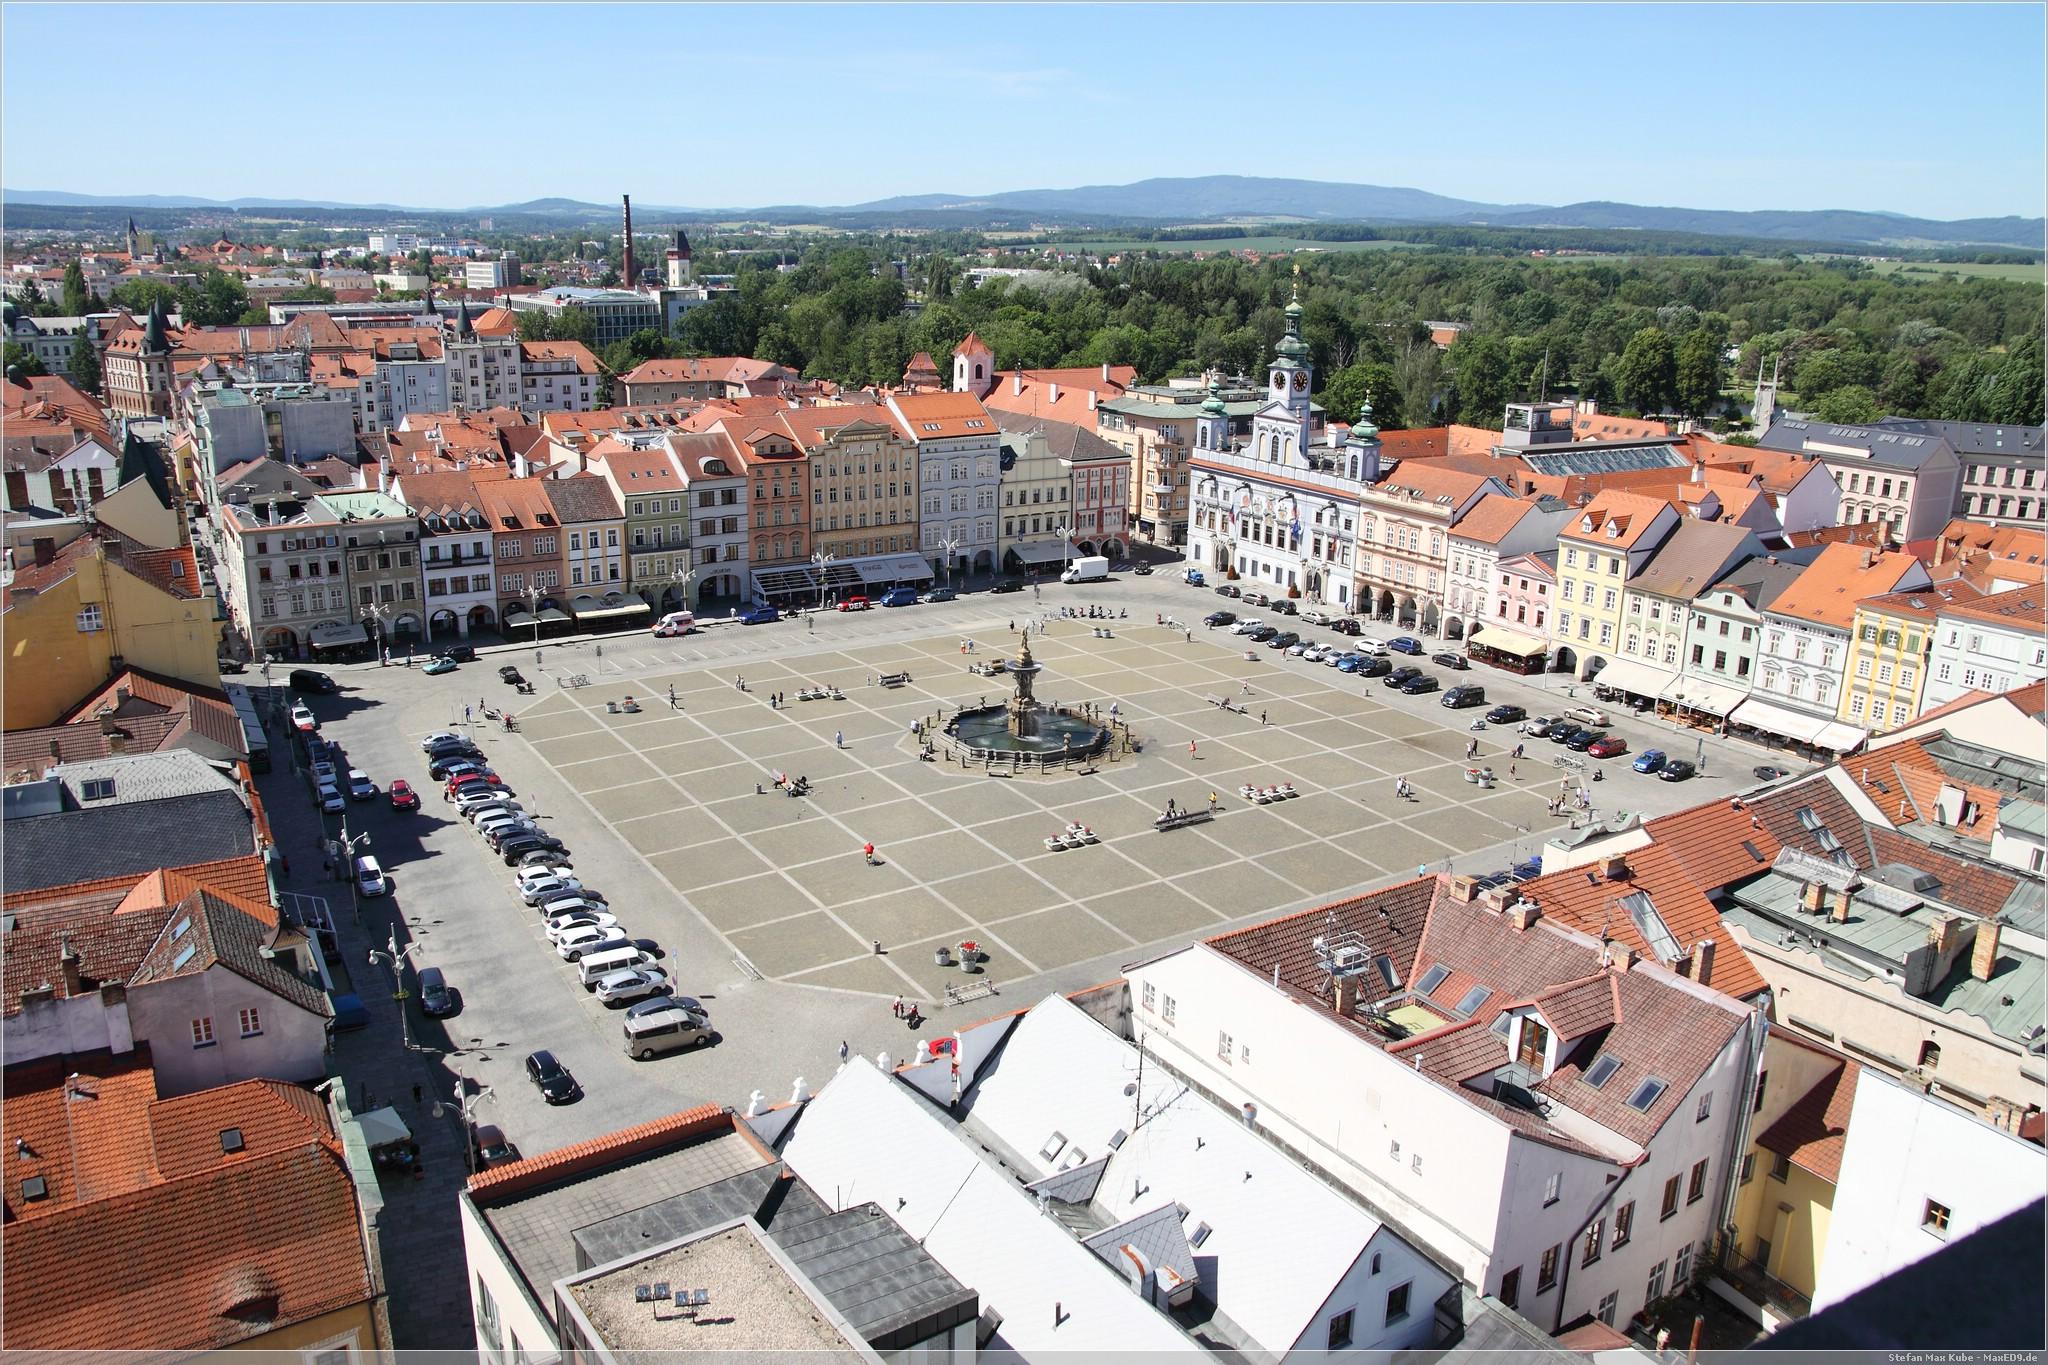 Blick zum Marktplatz mit Samsonbrunnen in Budweis